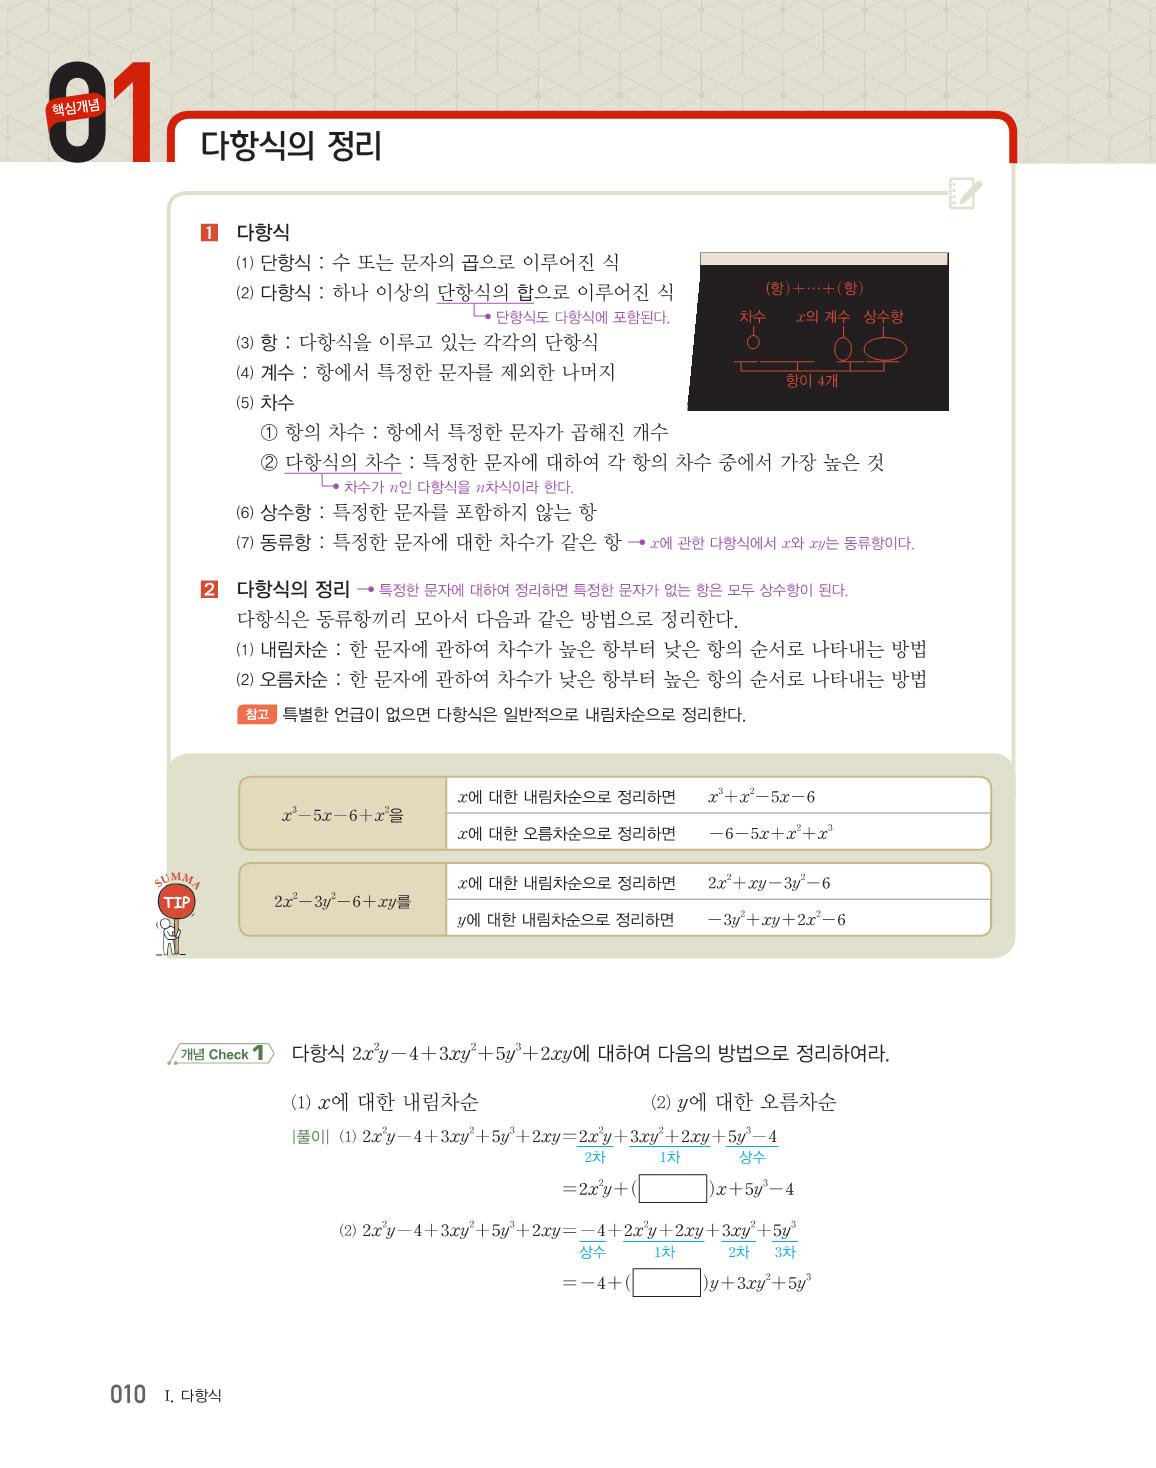 숨마쿰라우데 라이트수학 고등수학(상)_optimize13.png